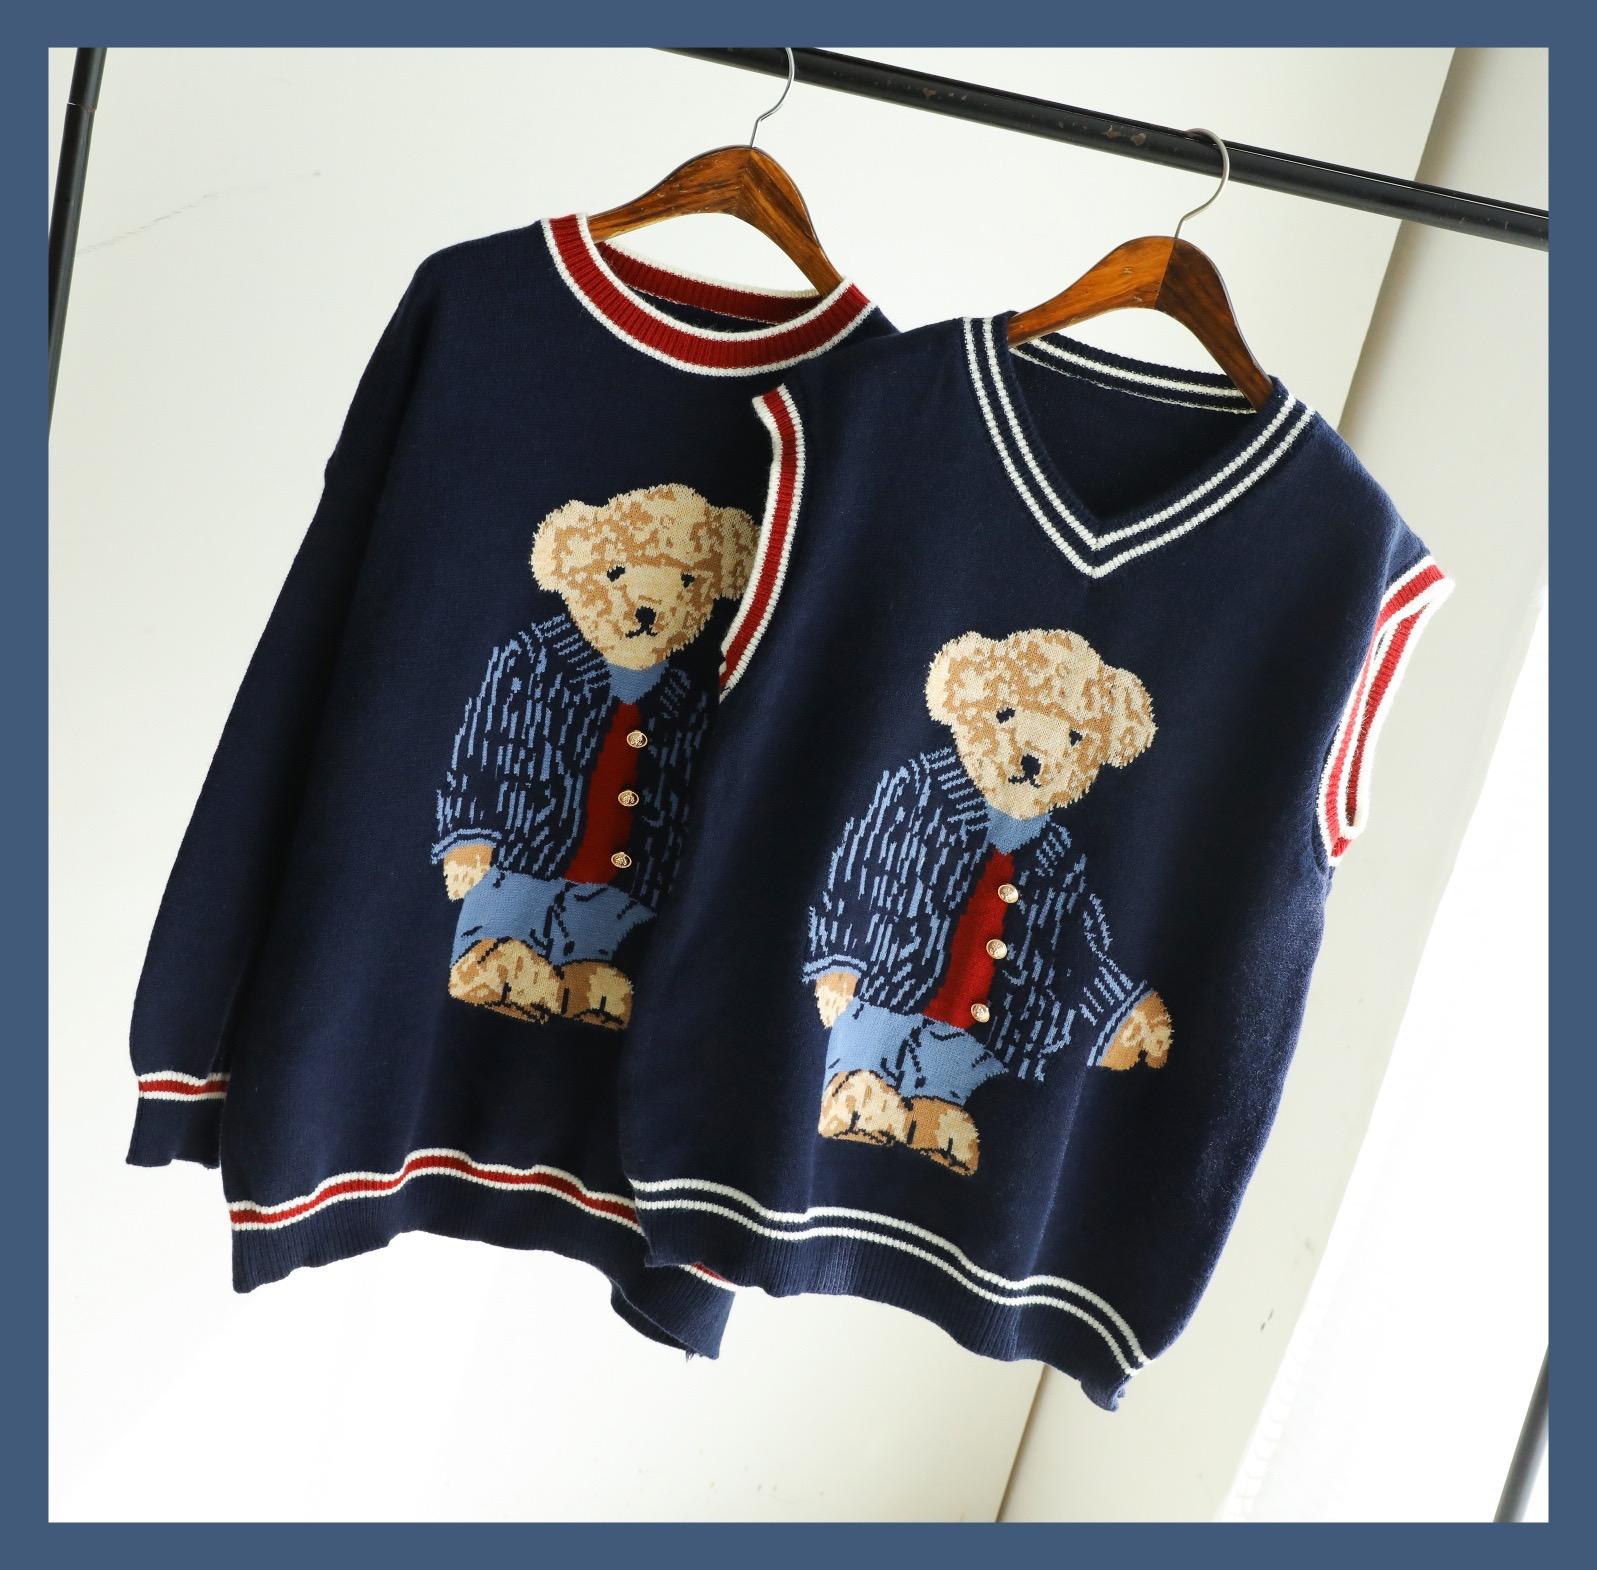 认准【物好礼品牌店】韩国订单维尼熊刺绣少女风韩版针织毛衣宽松满169元减120元